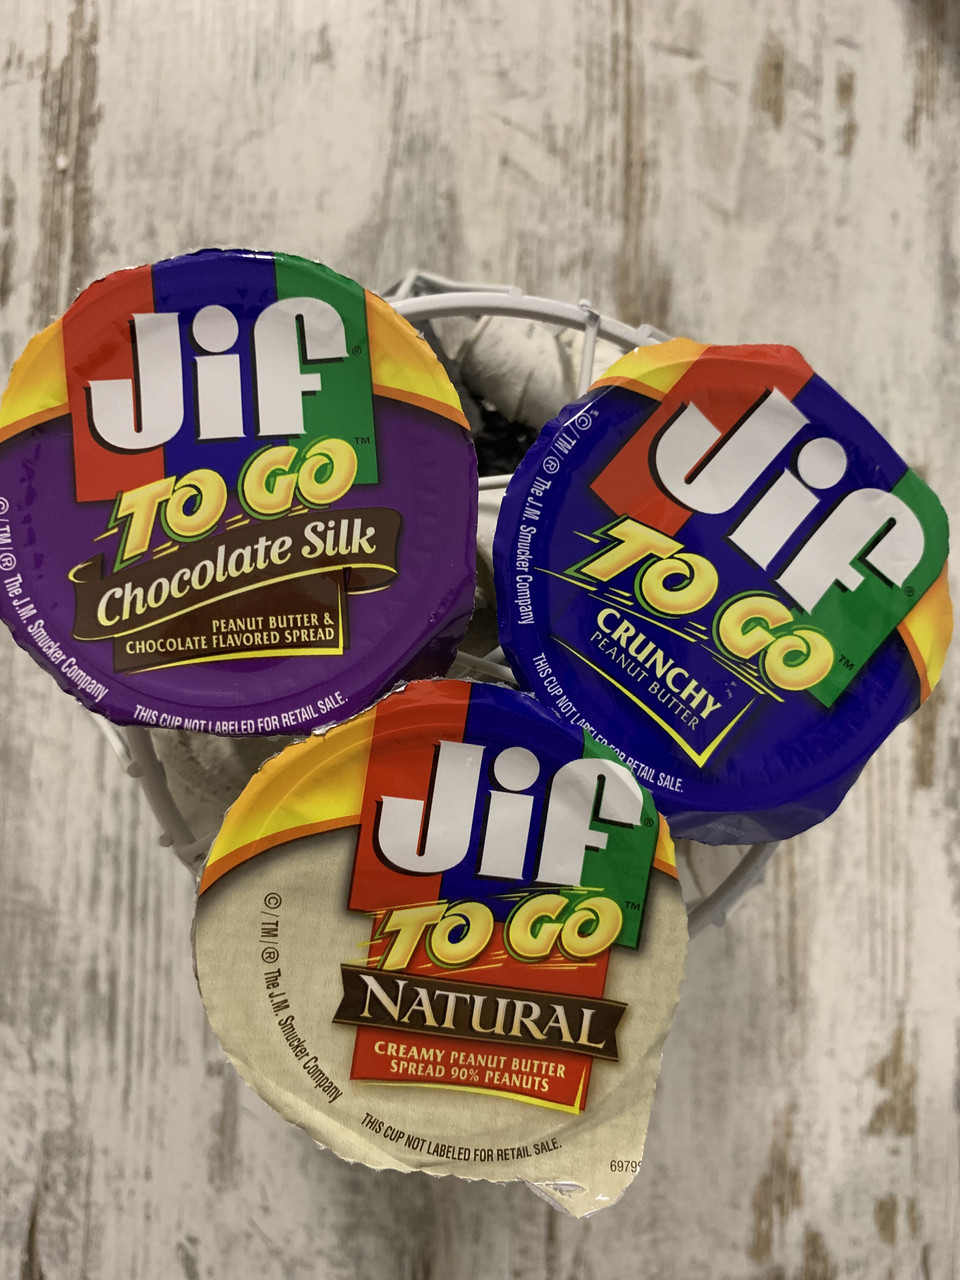 Арахисовая паста в мини-упаковках JIF to go набор из трех